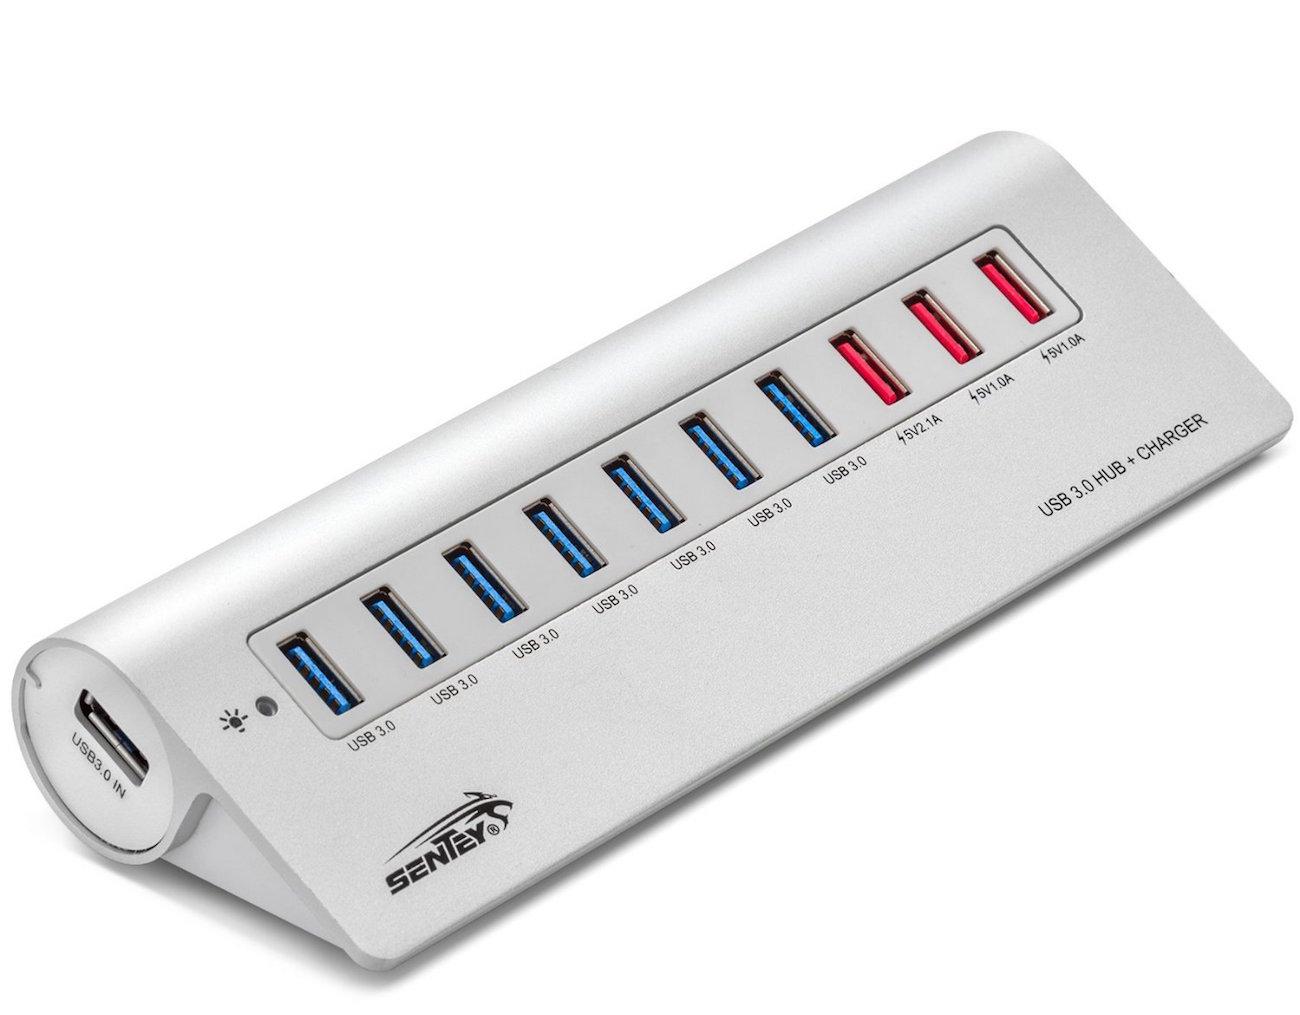 Sentey Aluminium 10 Ports USB 3.0 Hub